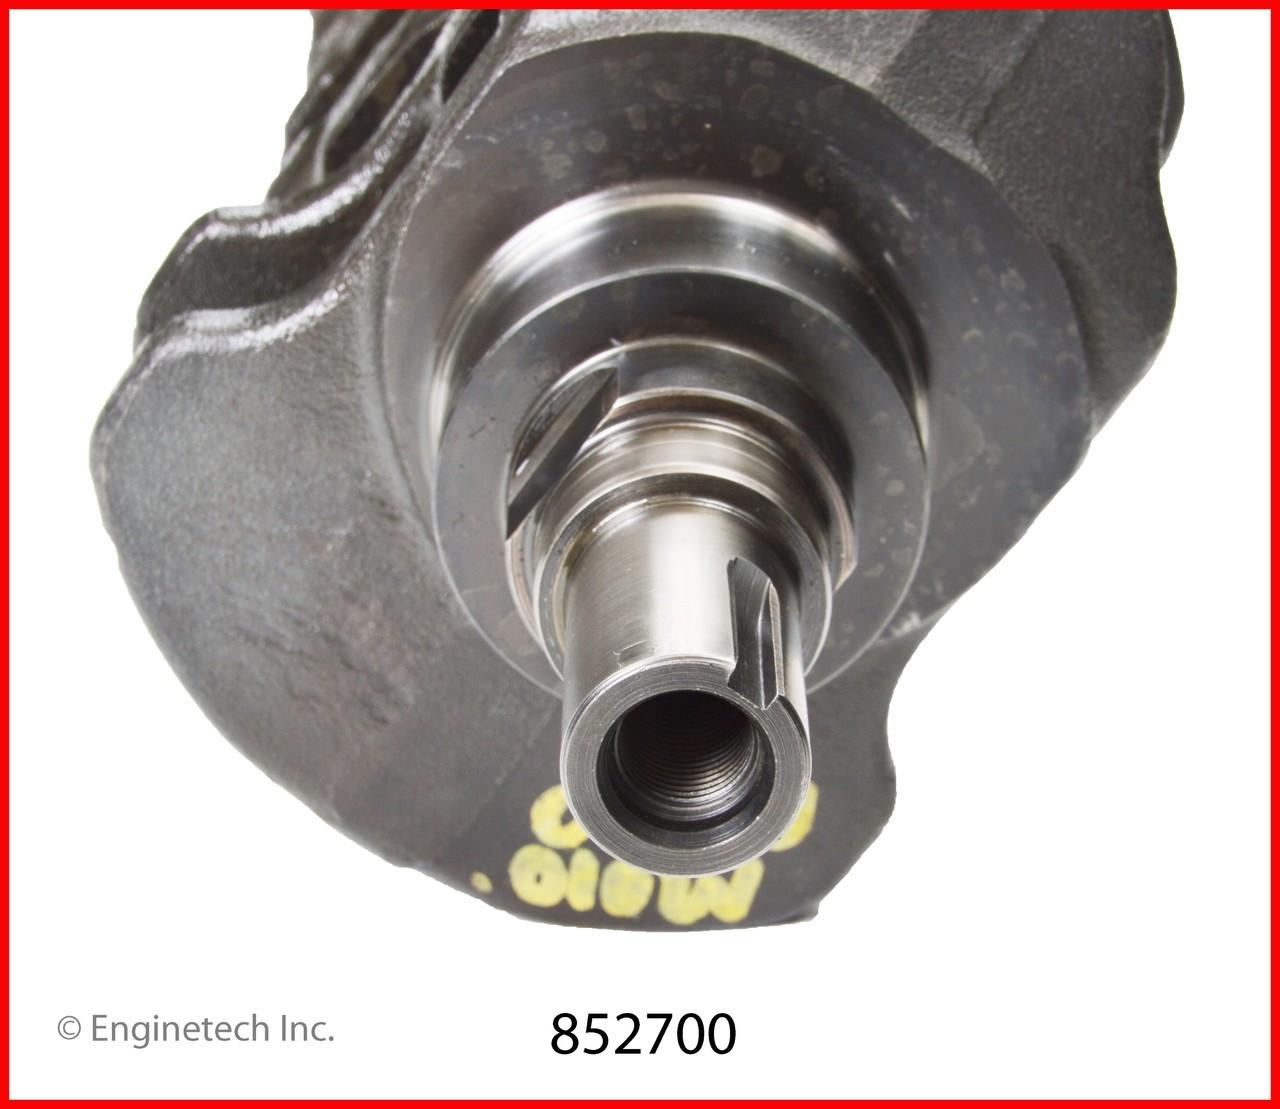 1995 Honda Civic 1.6L Engine Crankshaft Kit 852700 -14